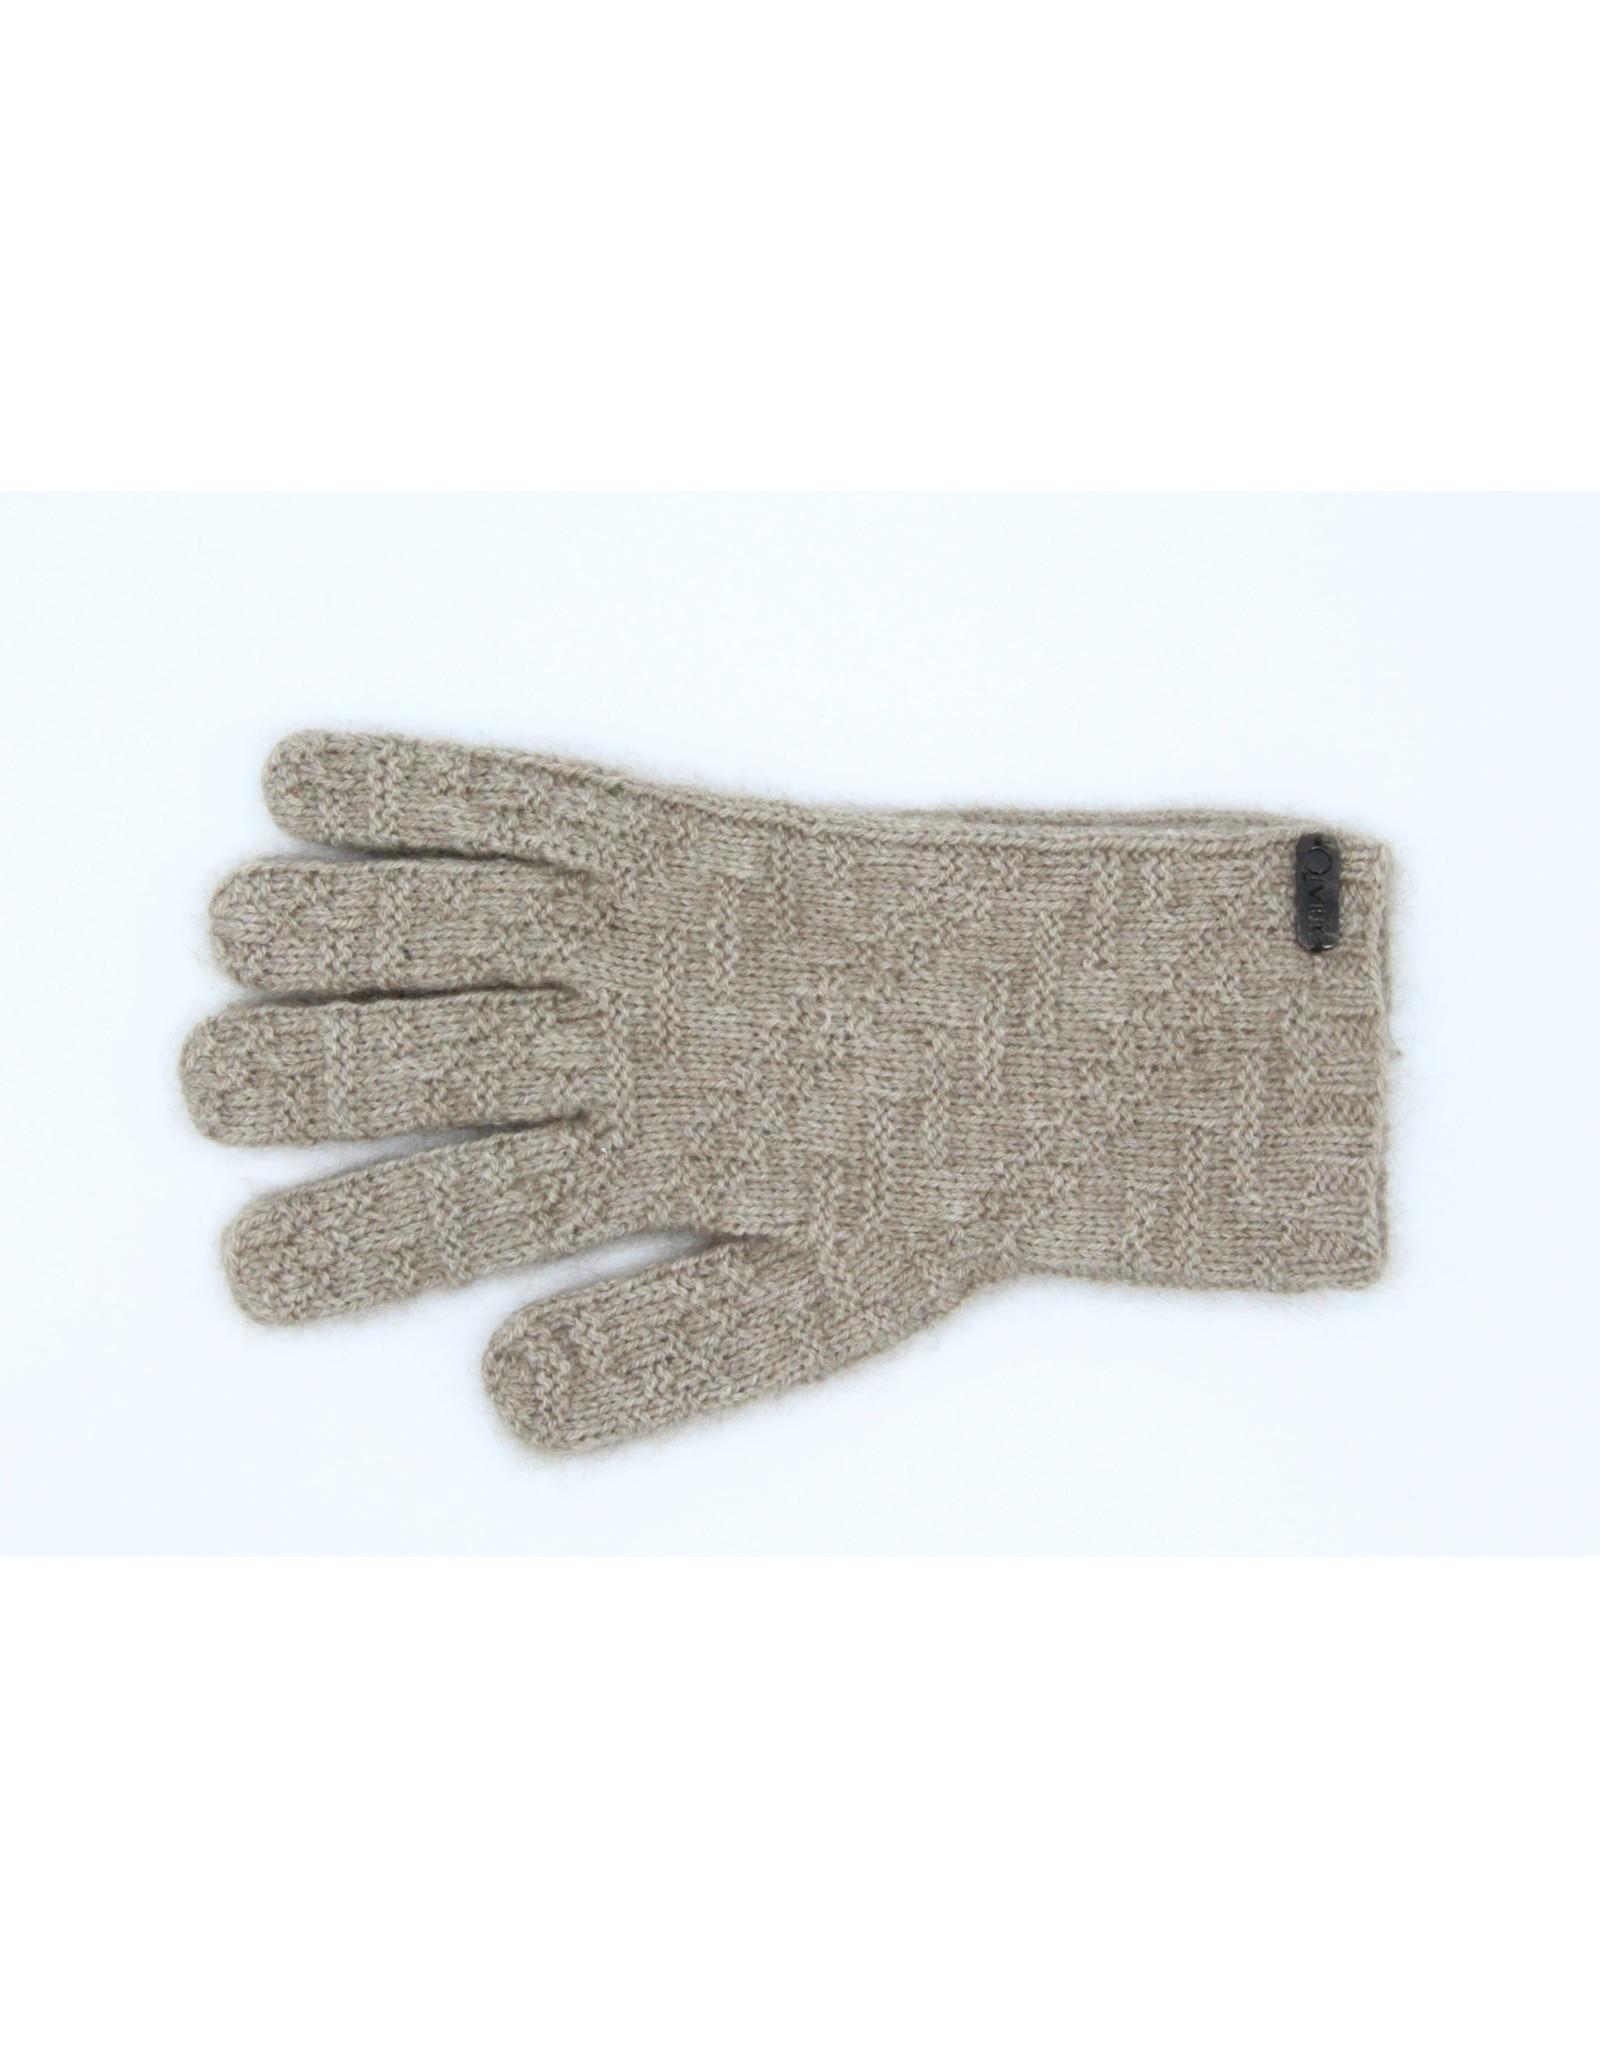 Casaca Gloves - 45% Qiviuk 45% Merino 10% Silk